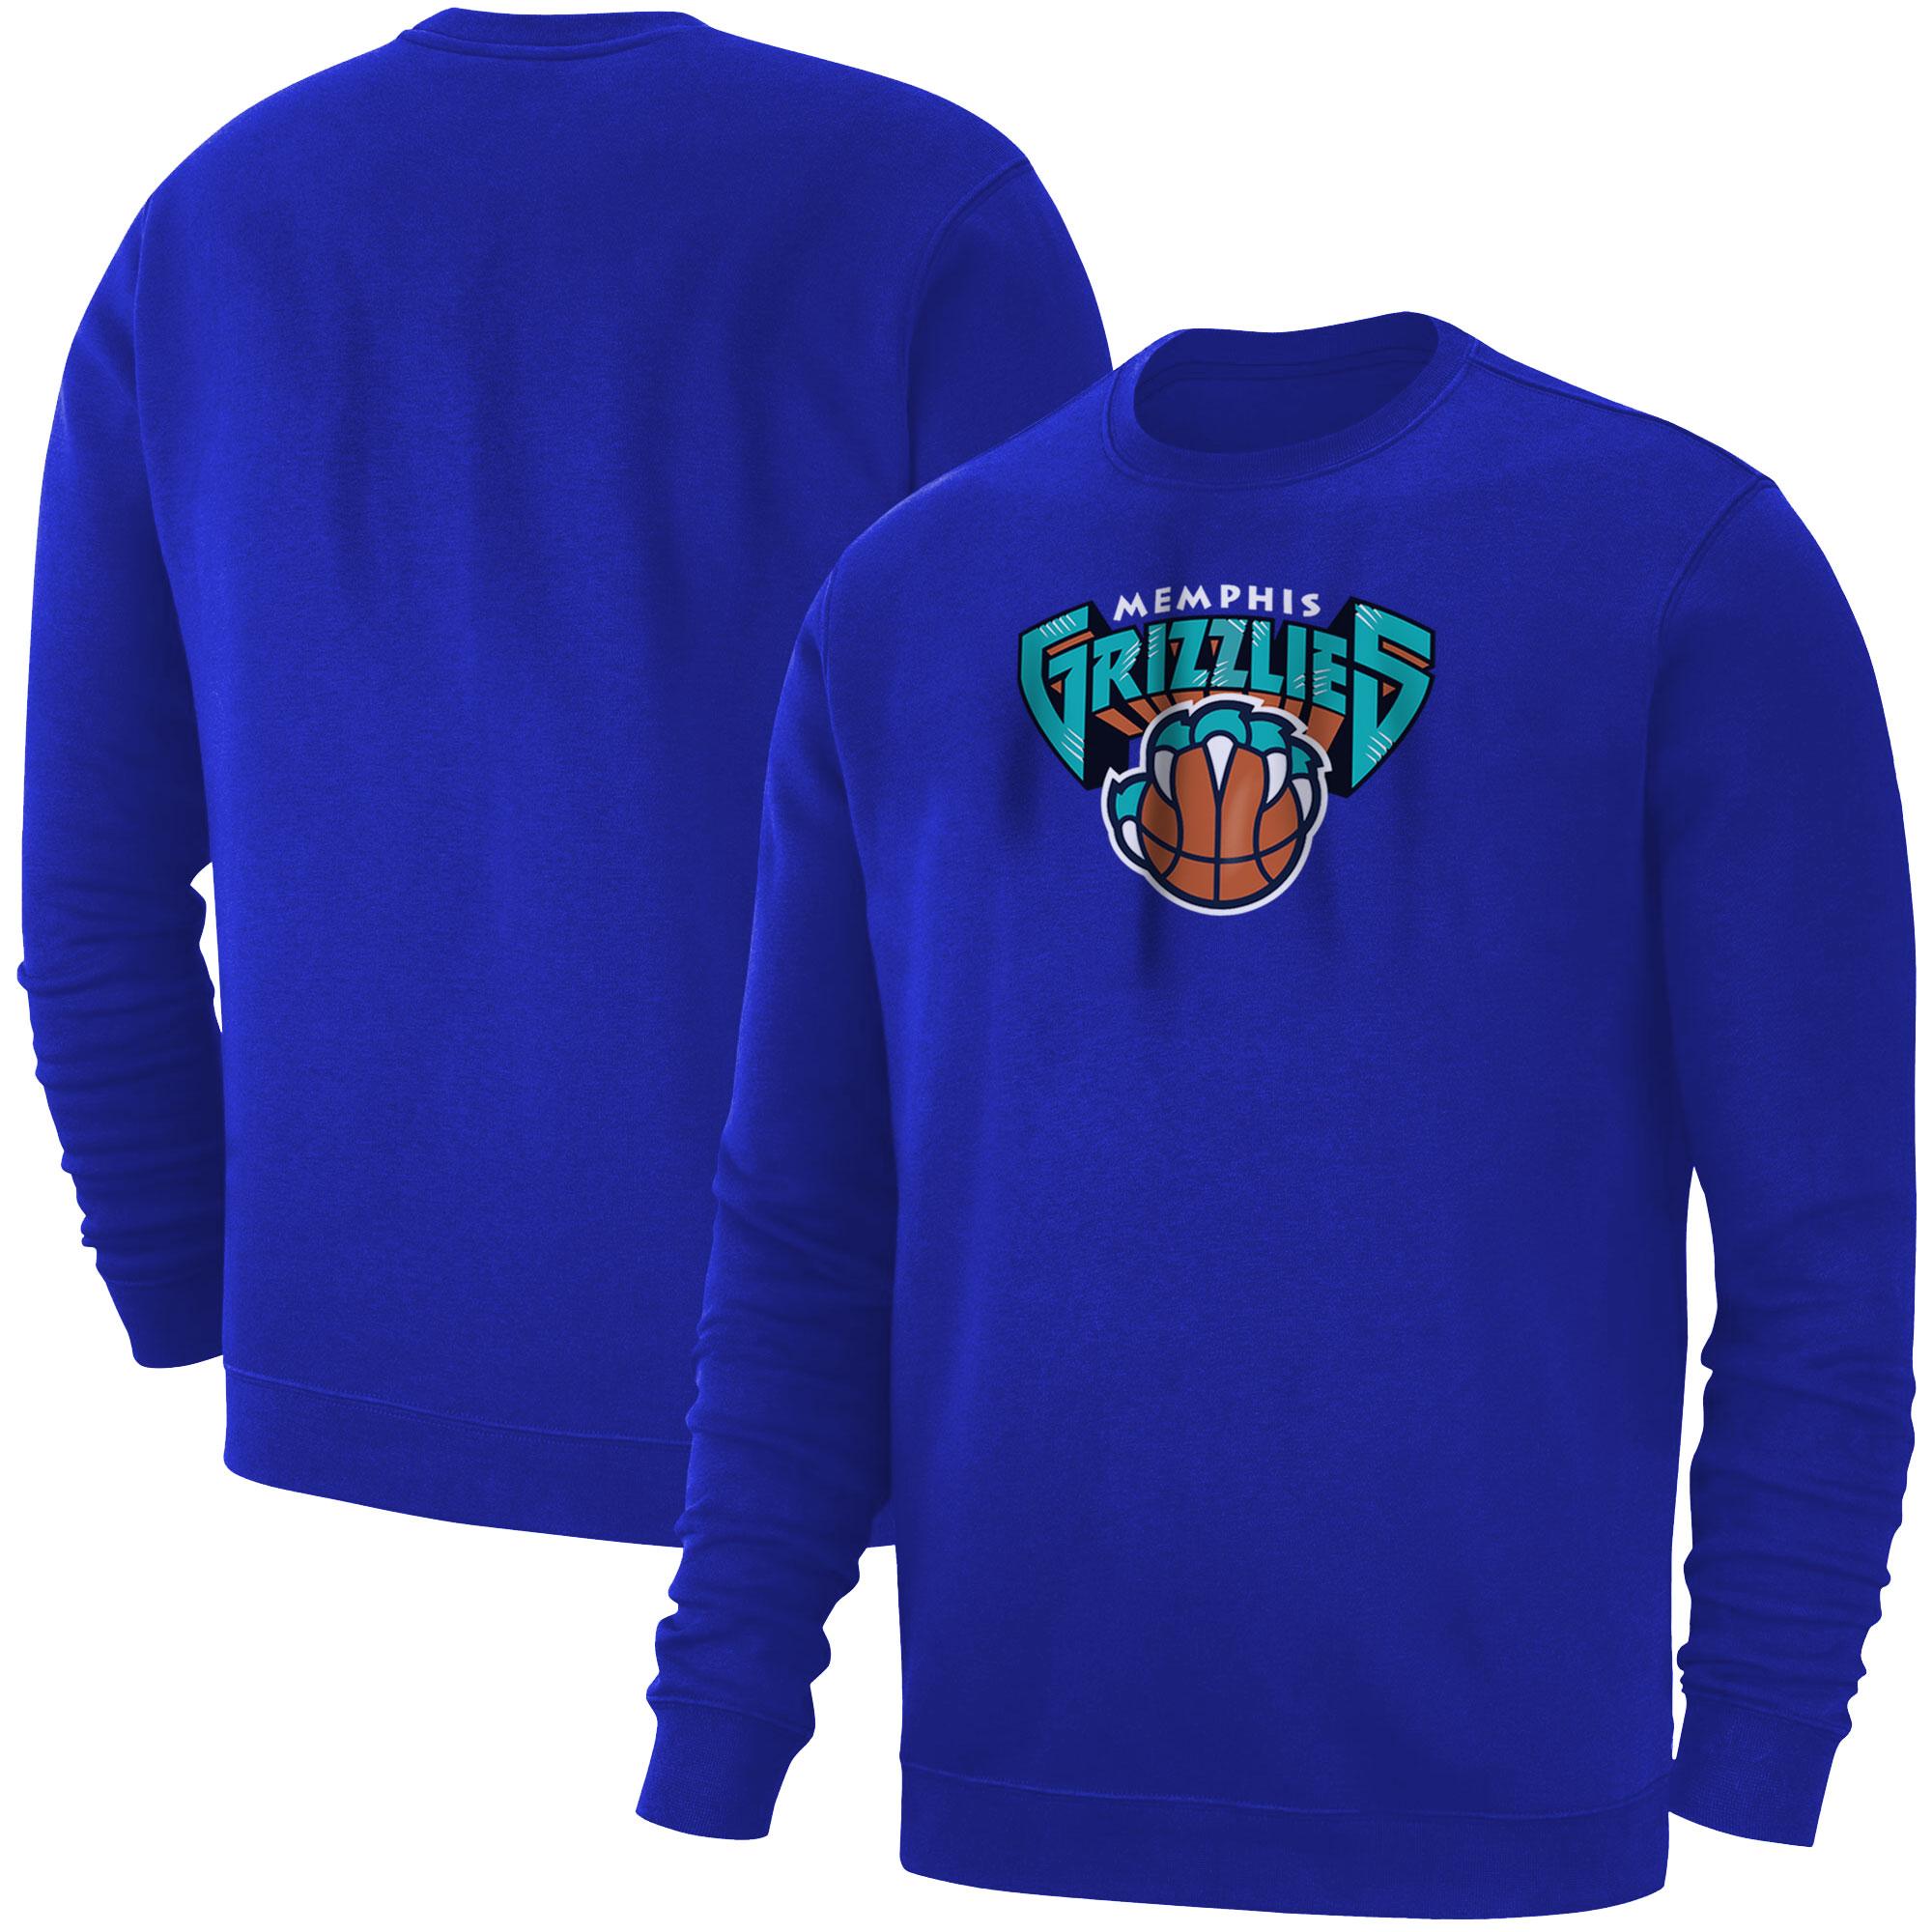 Memphis Grizzlies Basic (BSC-BLU-493-NBA-MEMPHIS-GRZ)